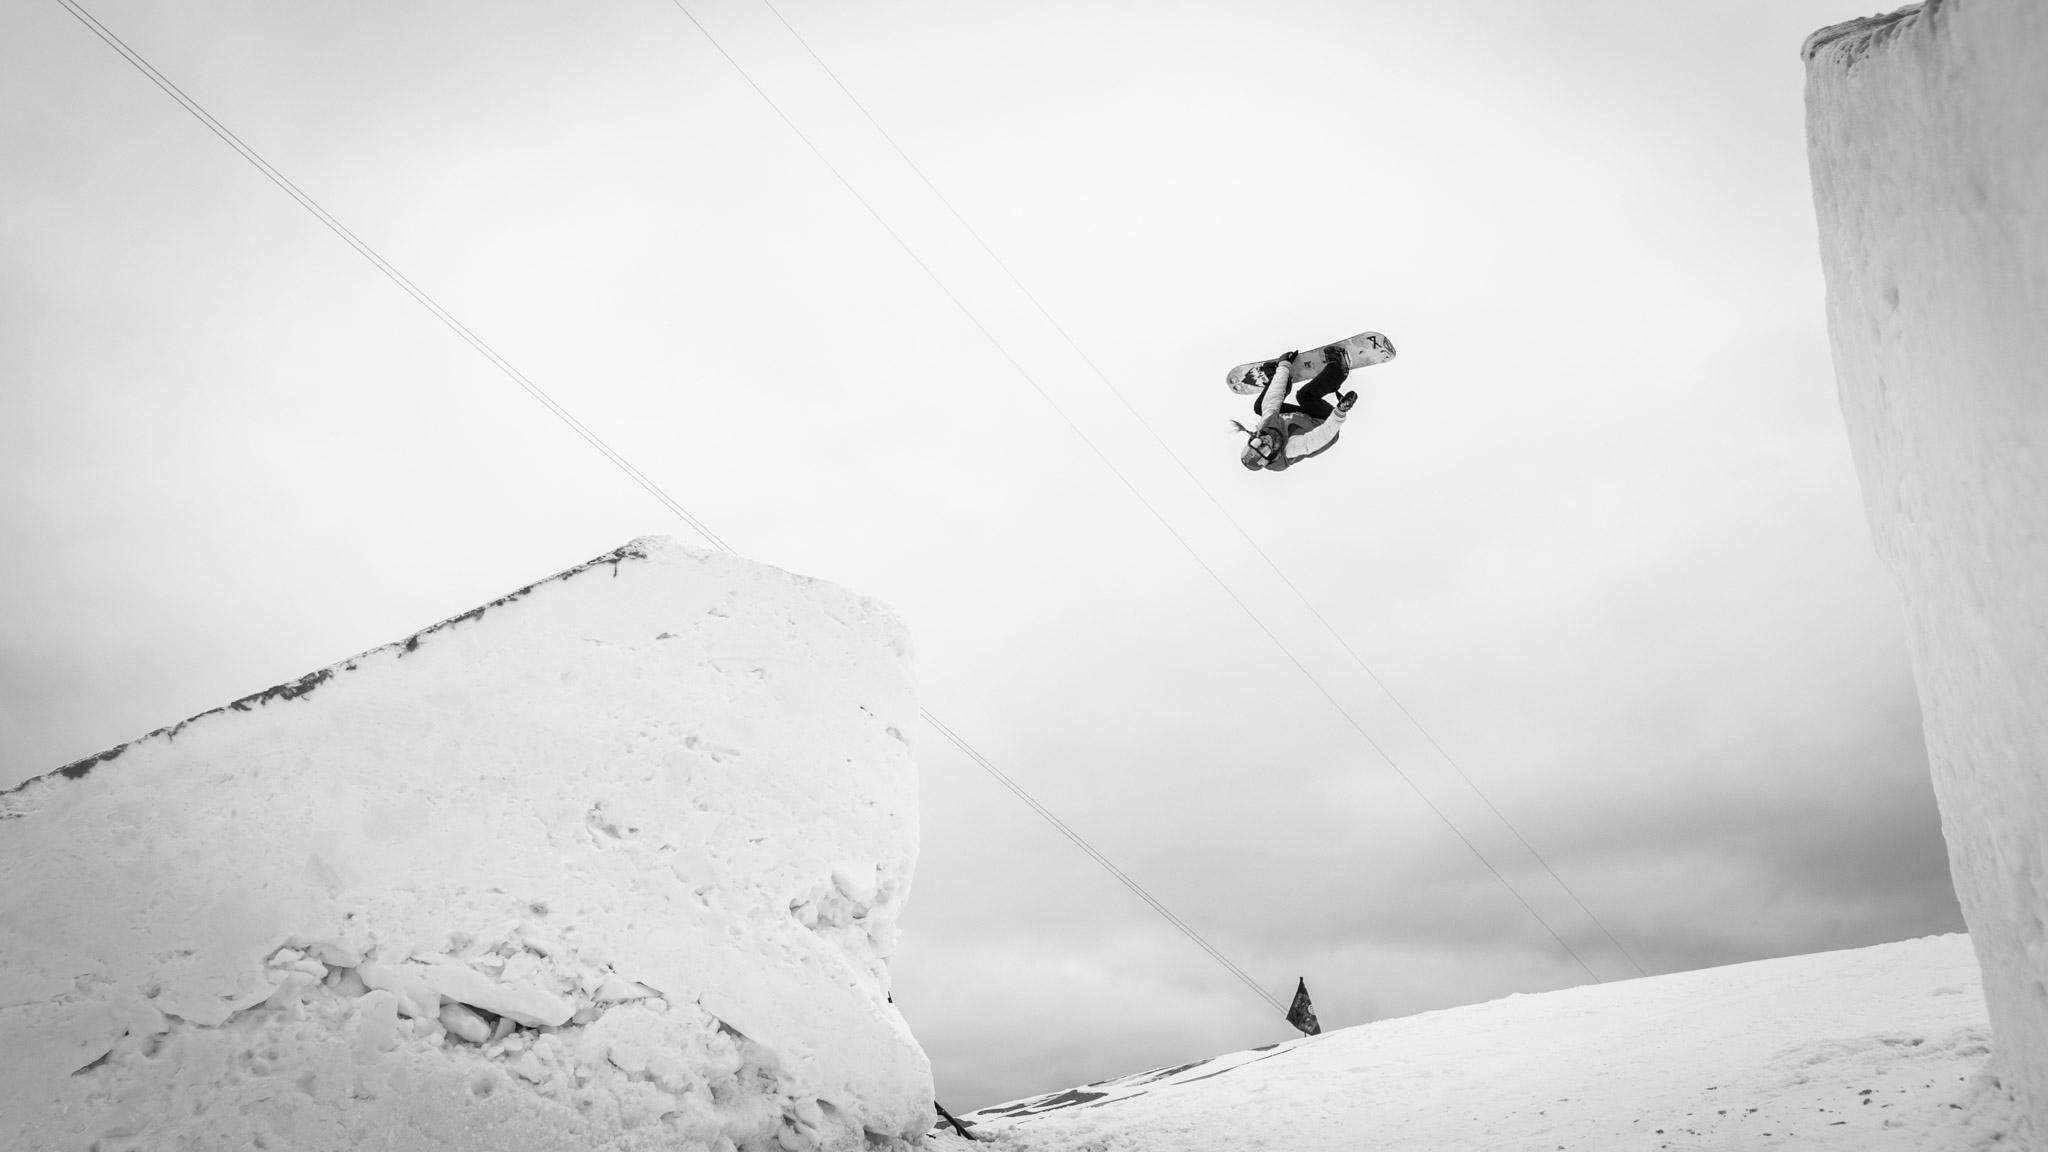 Anna Gasser, Women's Snowboard Slopestyle practice